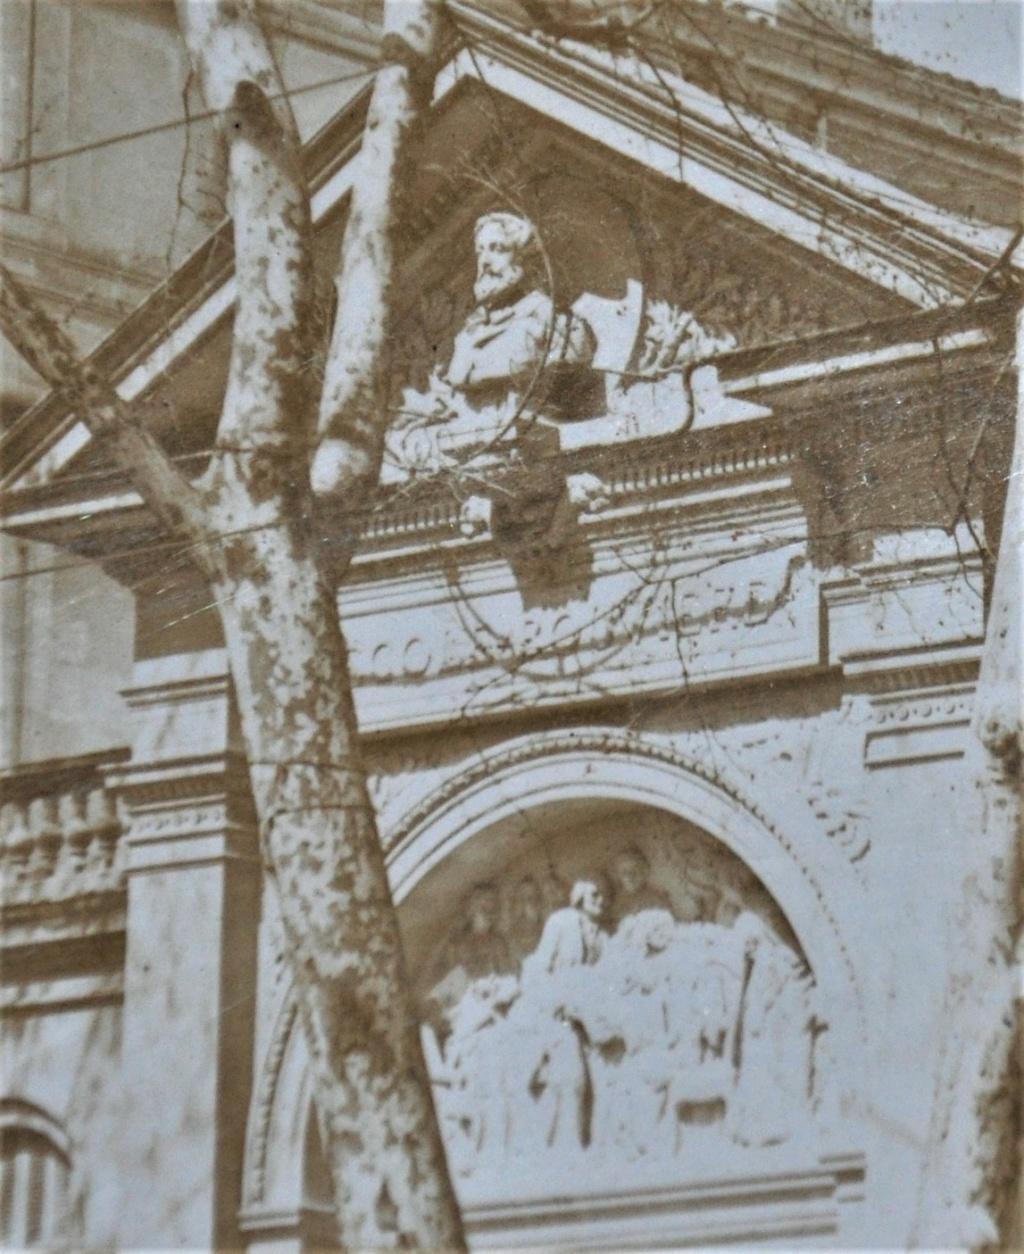 Photographie Albumine Ecole Rouvière Toulon Dsc_0535